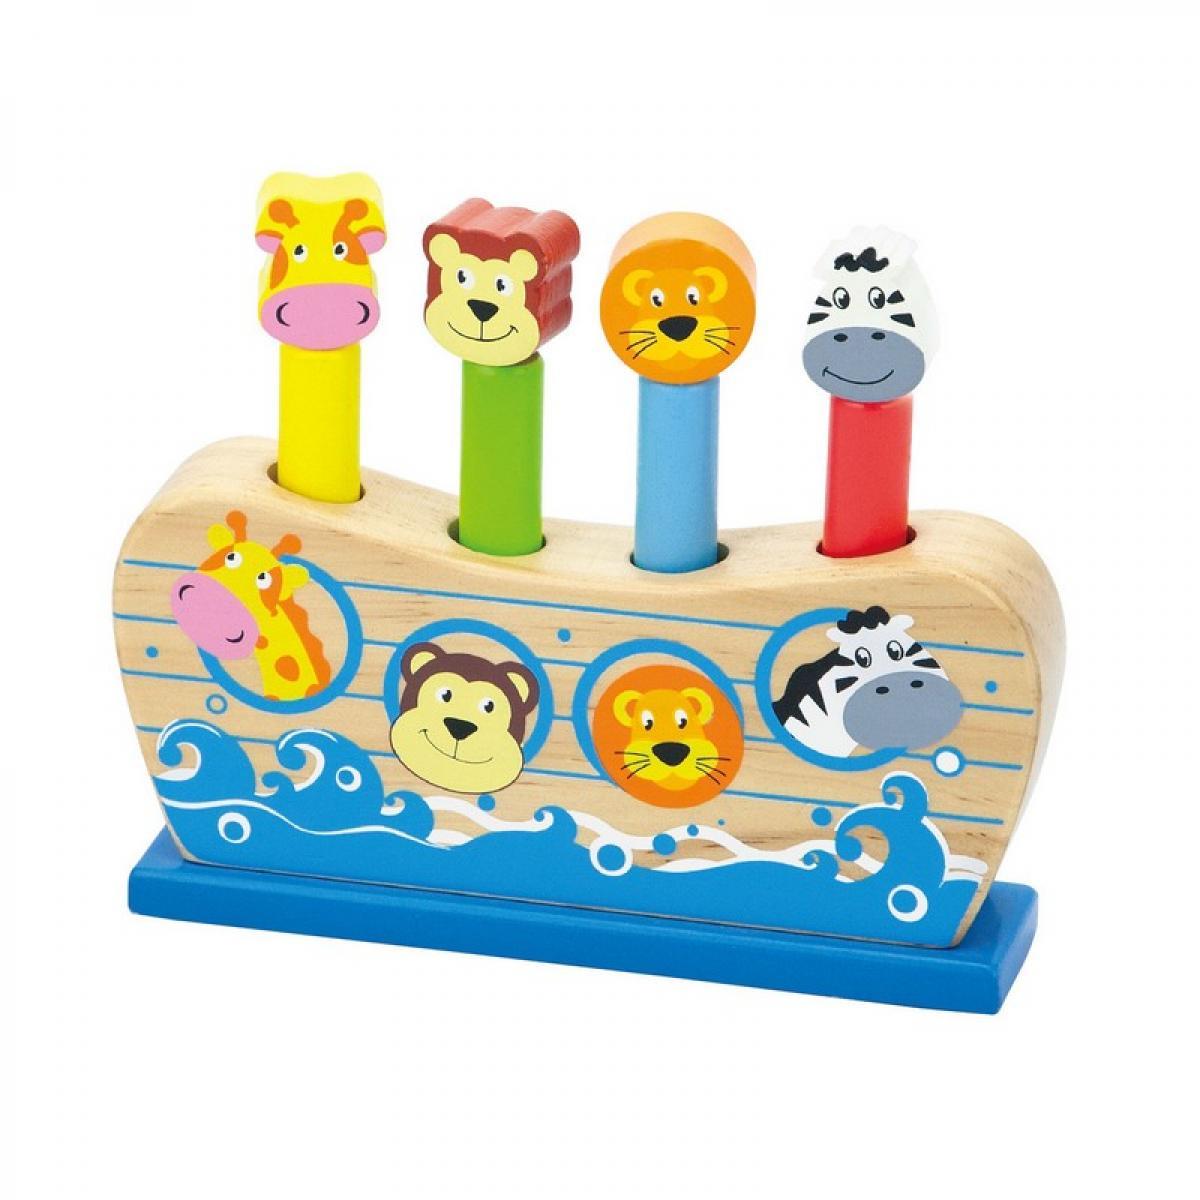 Топ 10 развивающих игрушек, фото №8 - интернет магазин Платошка